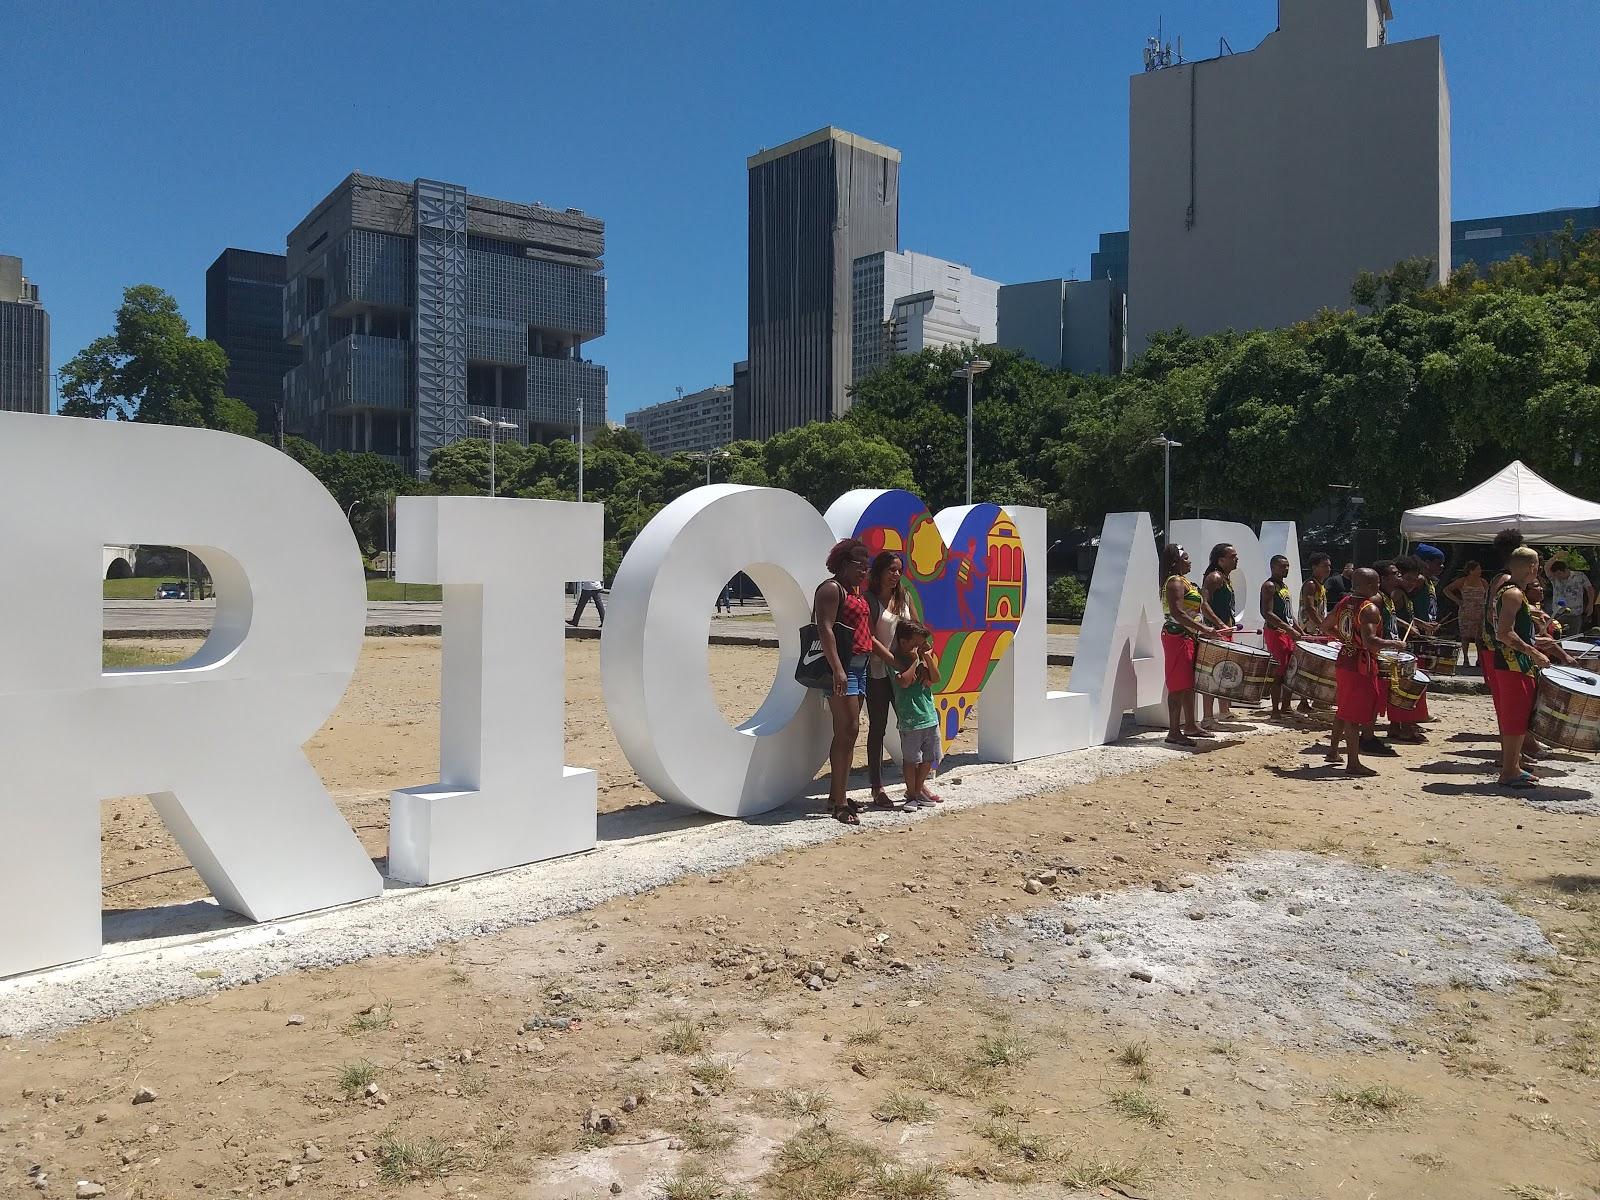 As primeiras fotos no novo cartão postal da cidade - RioAmaLapa